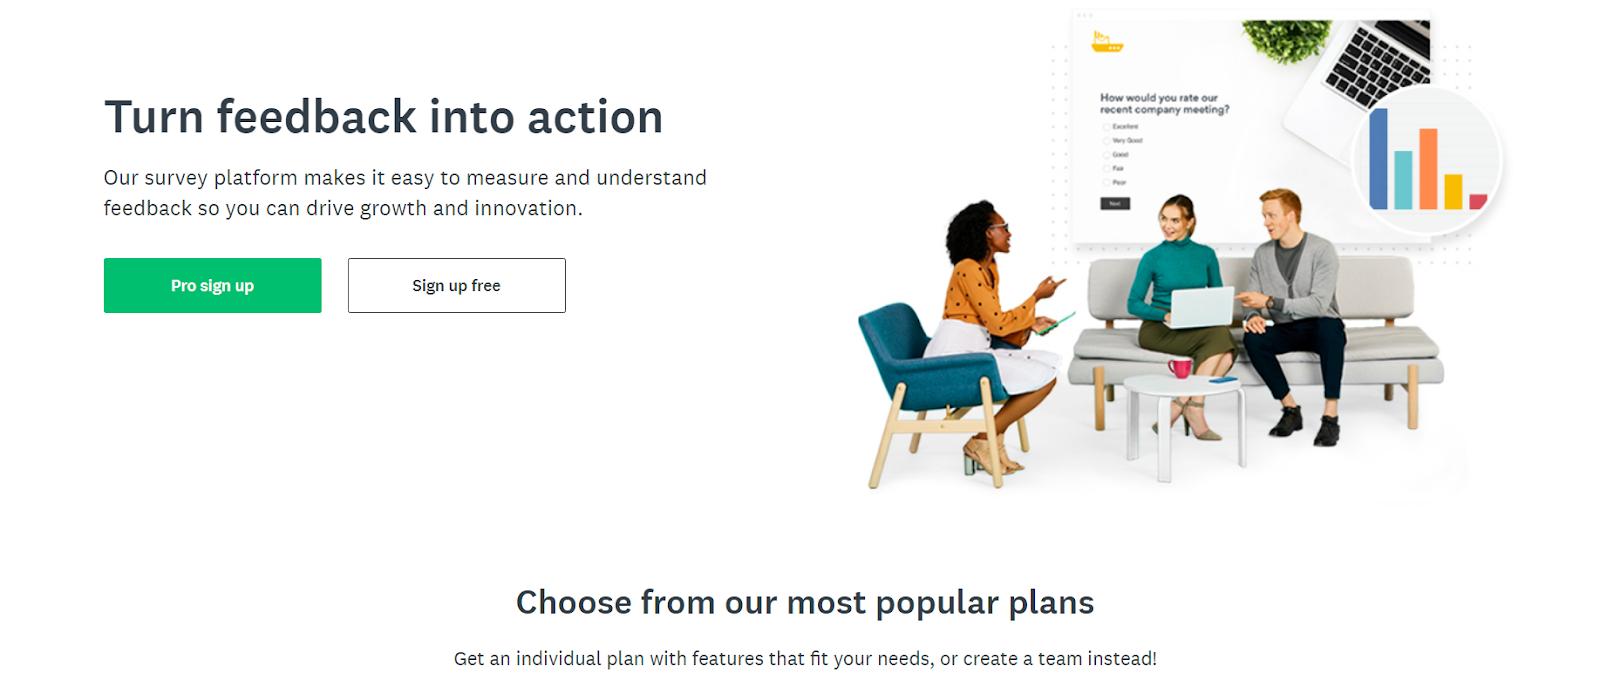 SurveyMonkey as an ecommerce tools